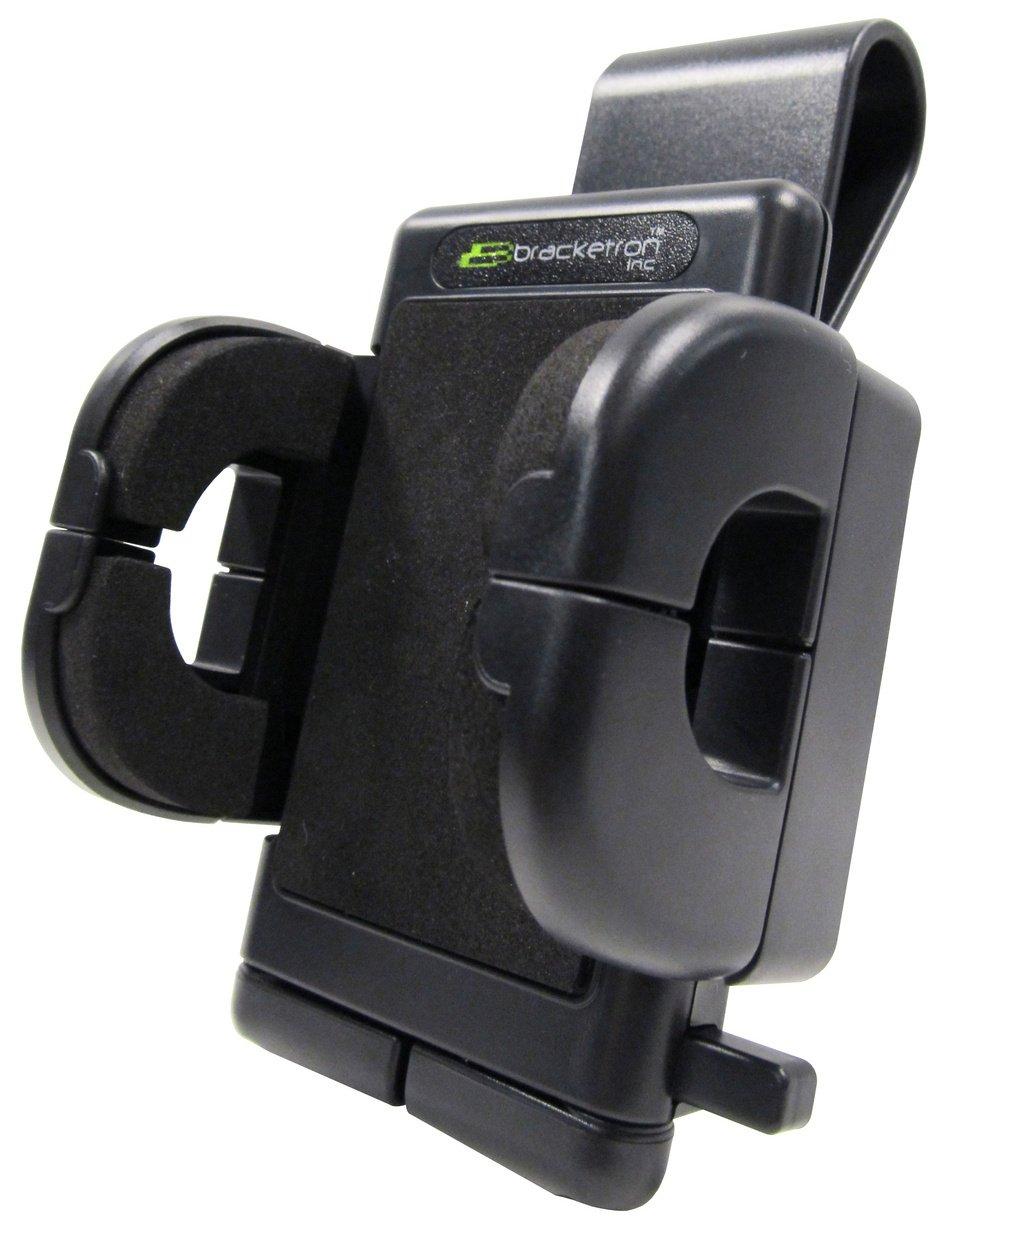 【期間限定お試し価格】 Longridge Bracketron Golf GPS Bracketron Holder by GPS Longridge Golf B0056VMZ3S, 【正規逆輸入品】:ce69df51 --- a0267596.xsph.ru